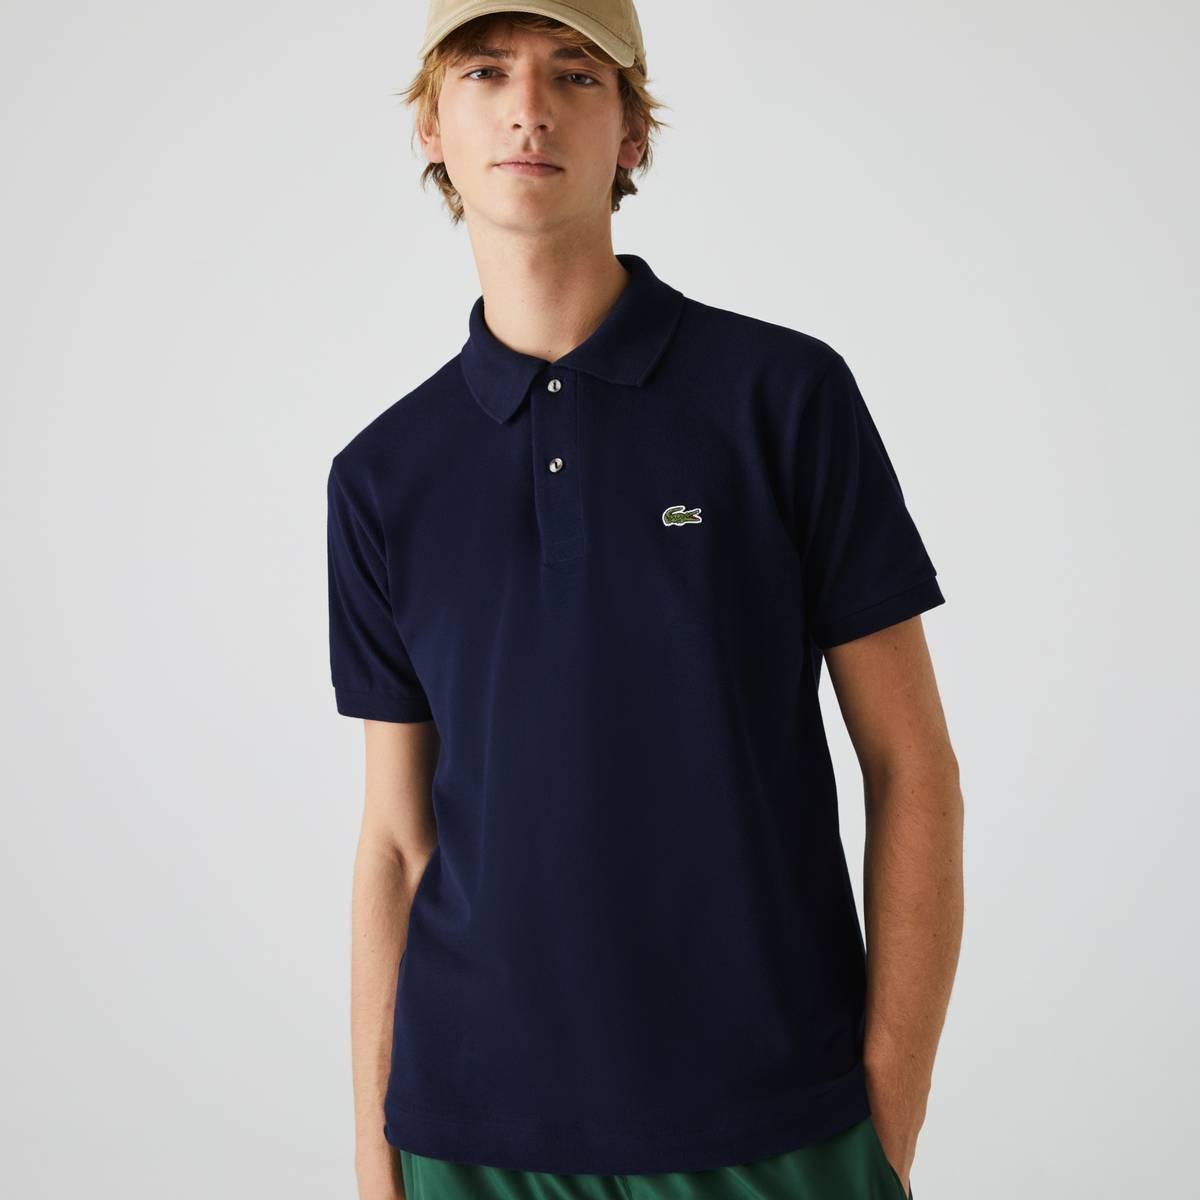 Lacoste Polo Shirt - Mørk blå